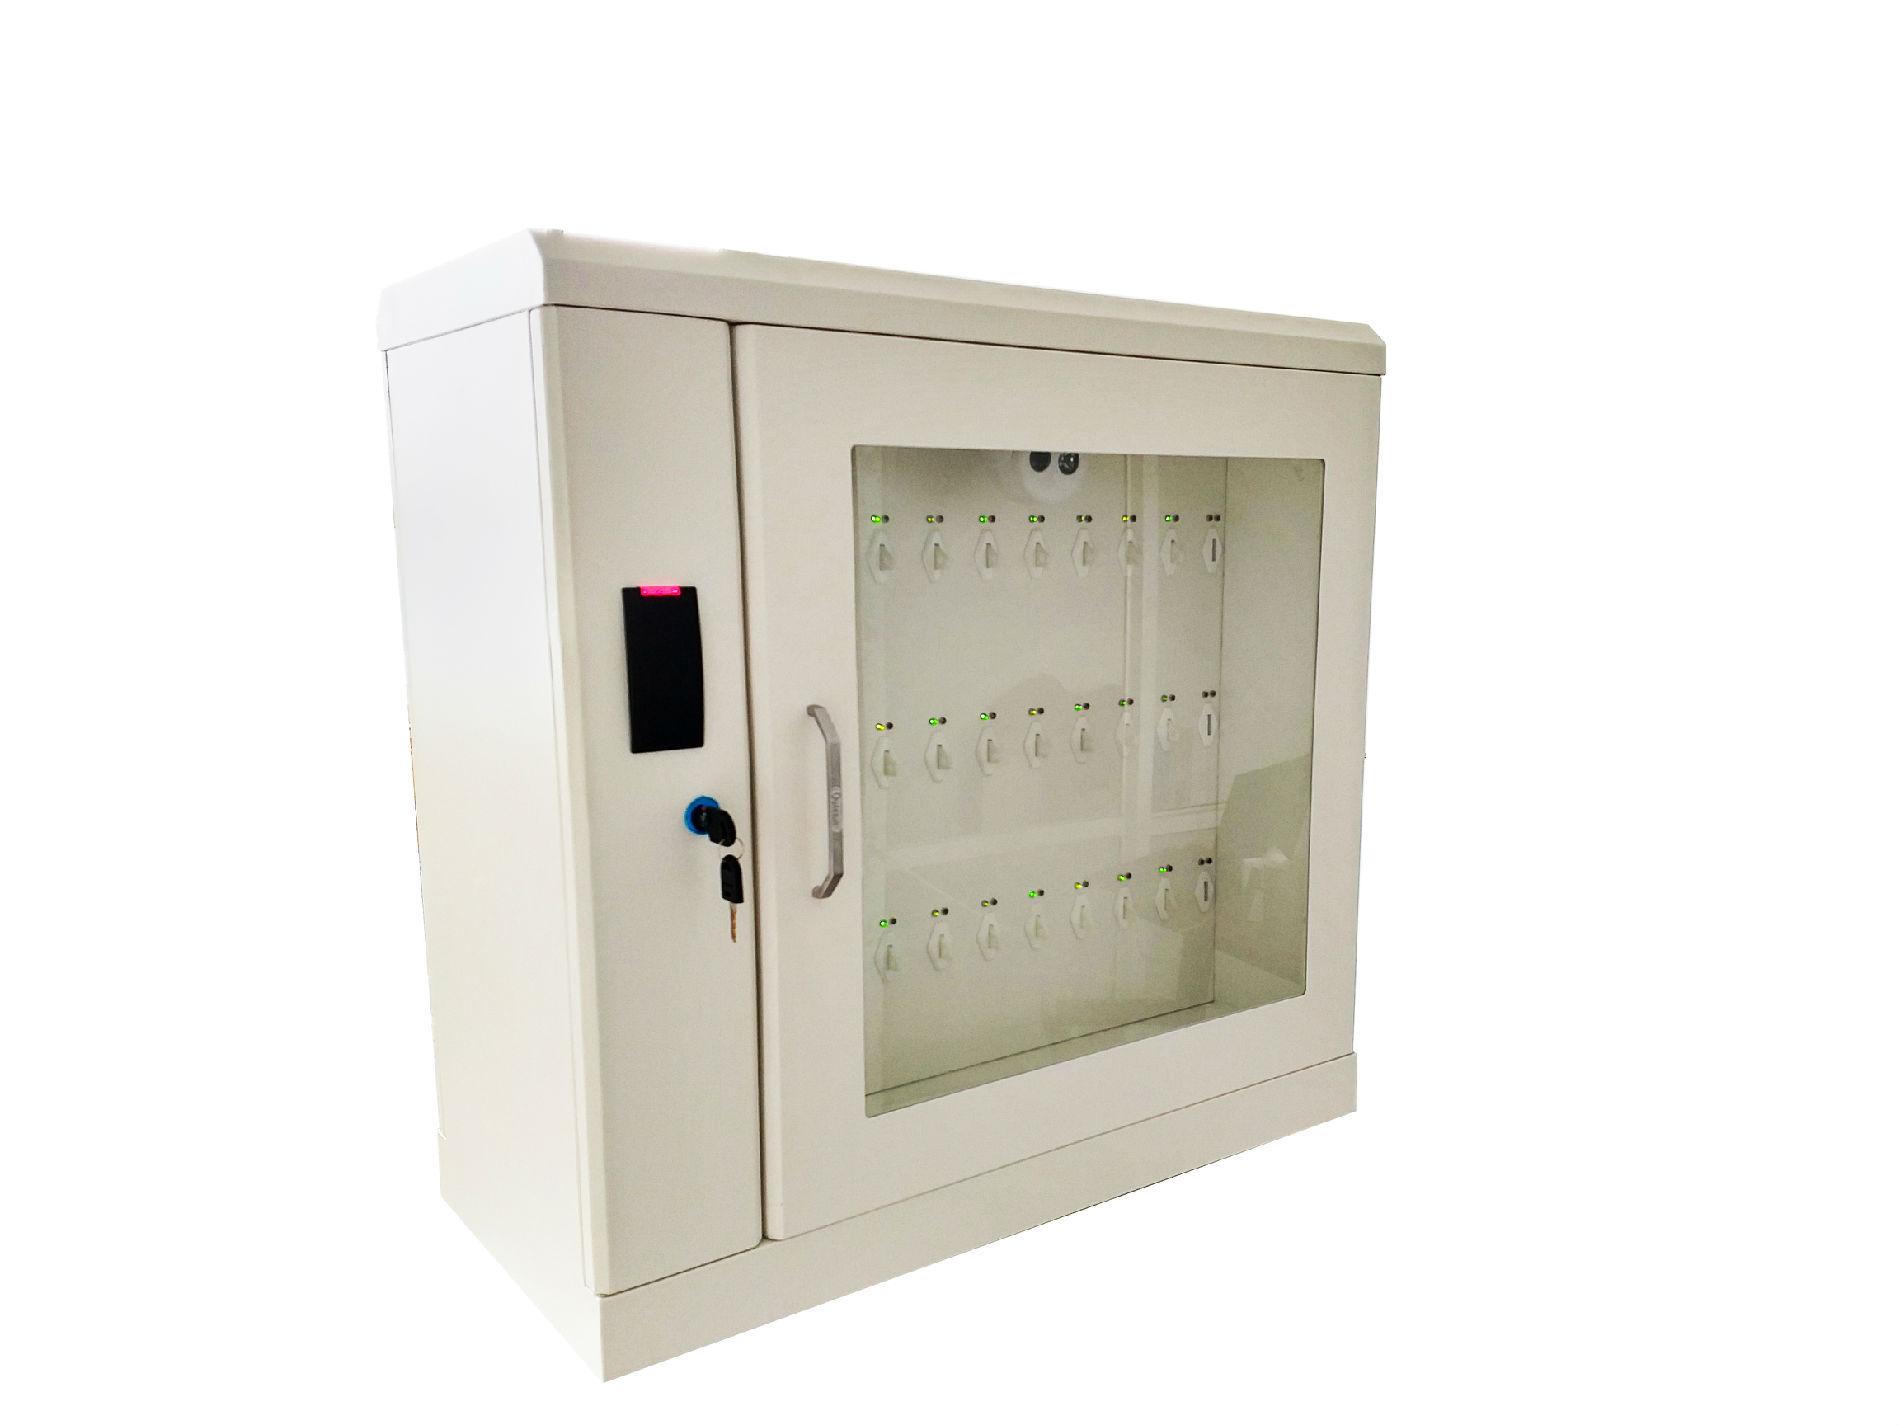 埃克萨斯指纹刷卡智能钥匙柜E-key5mini写字楼物业钥匙柜